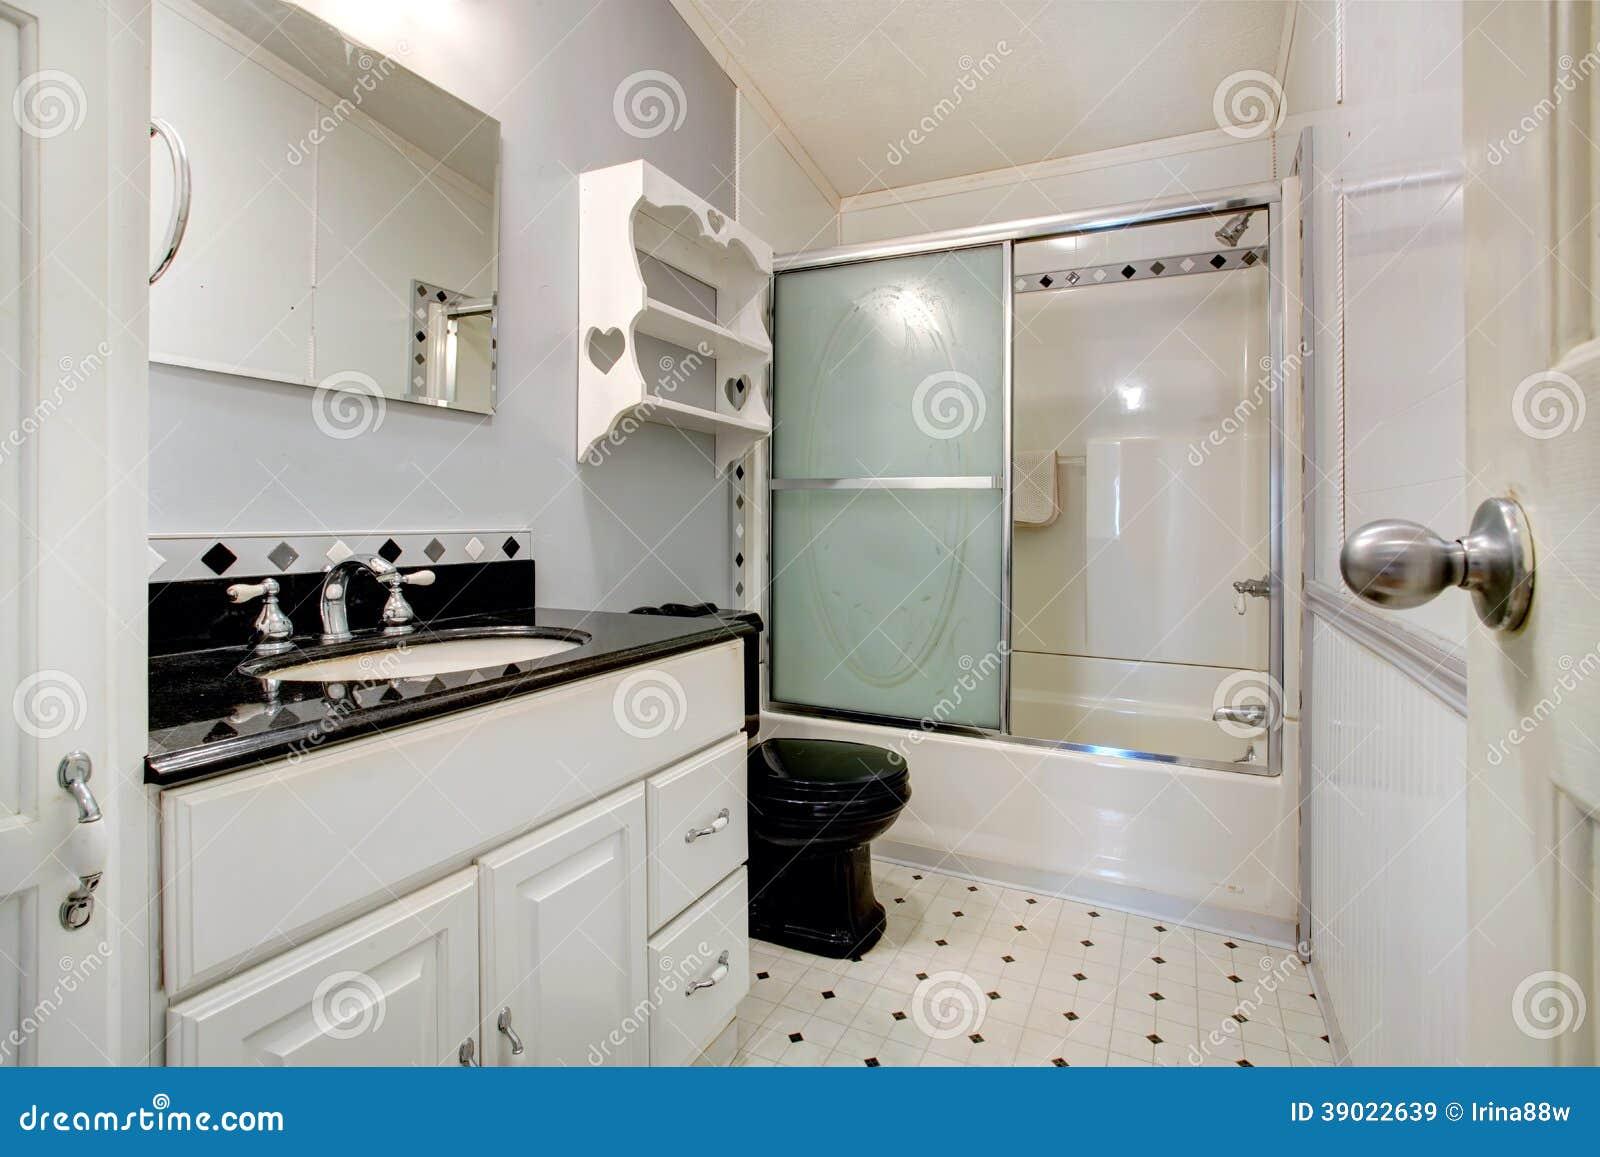 Bagno con lavatoio: mobile onda x con vasca in ceramica. lavatoio ...